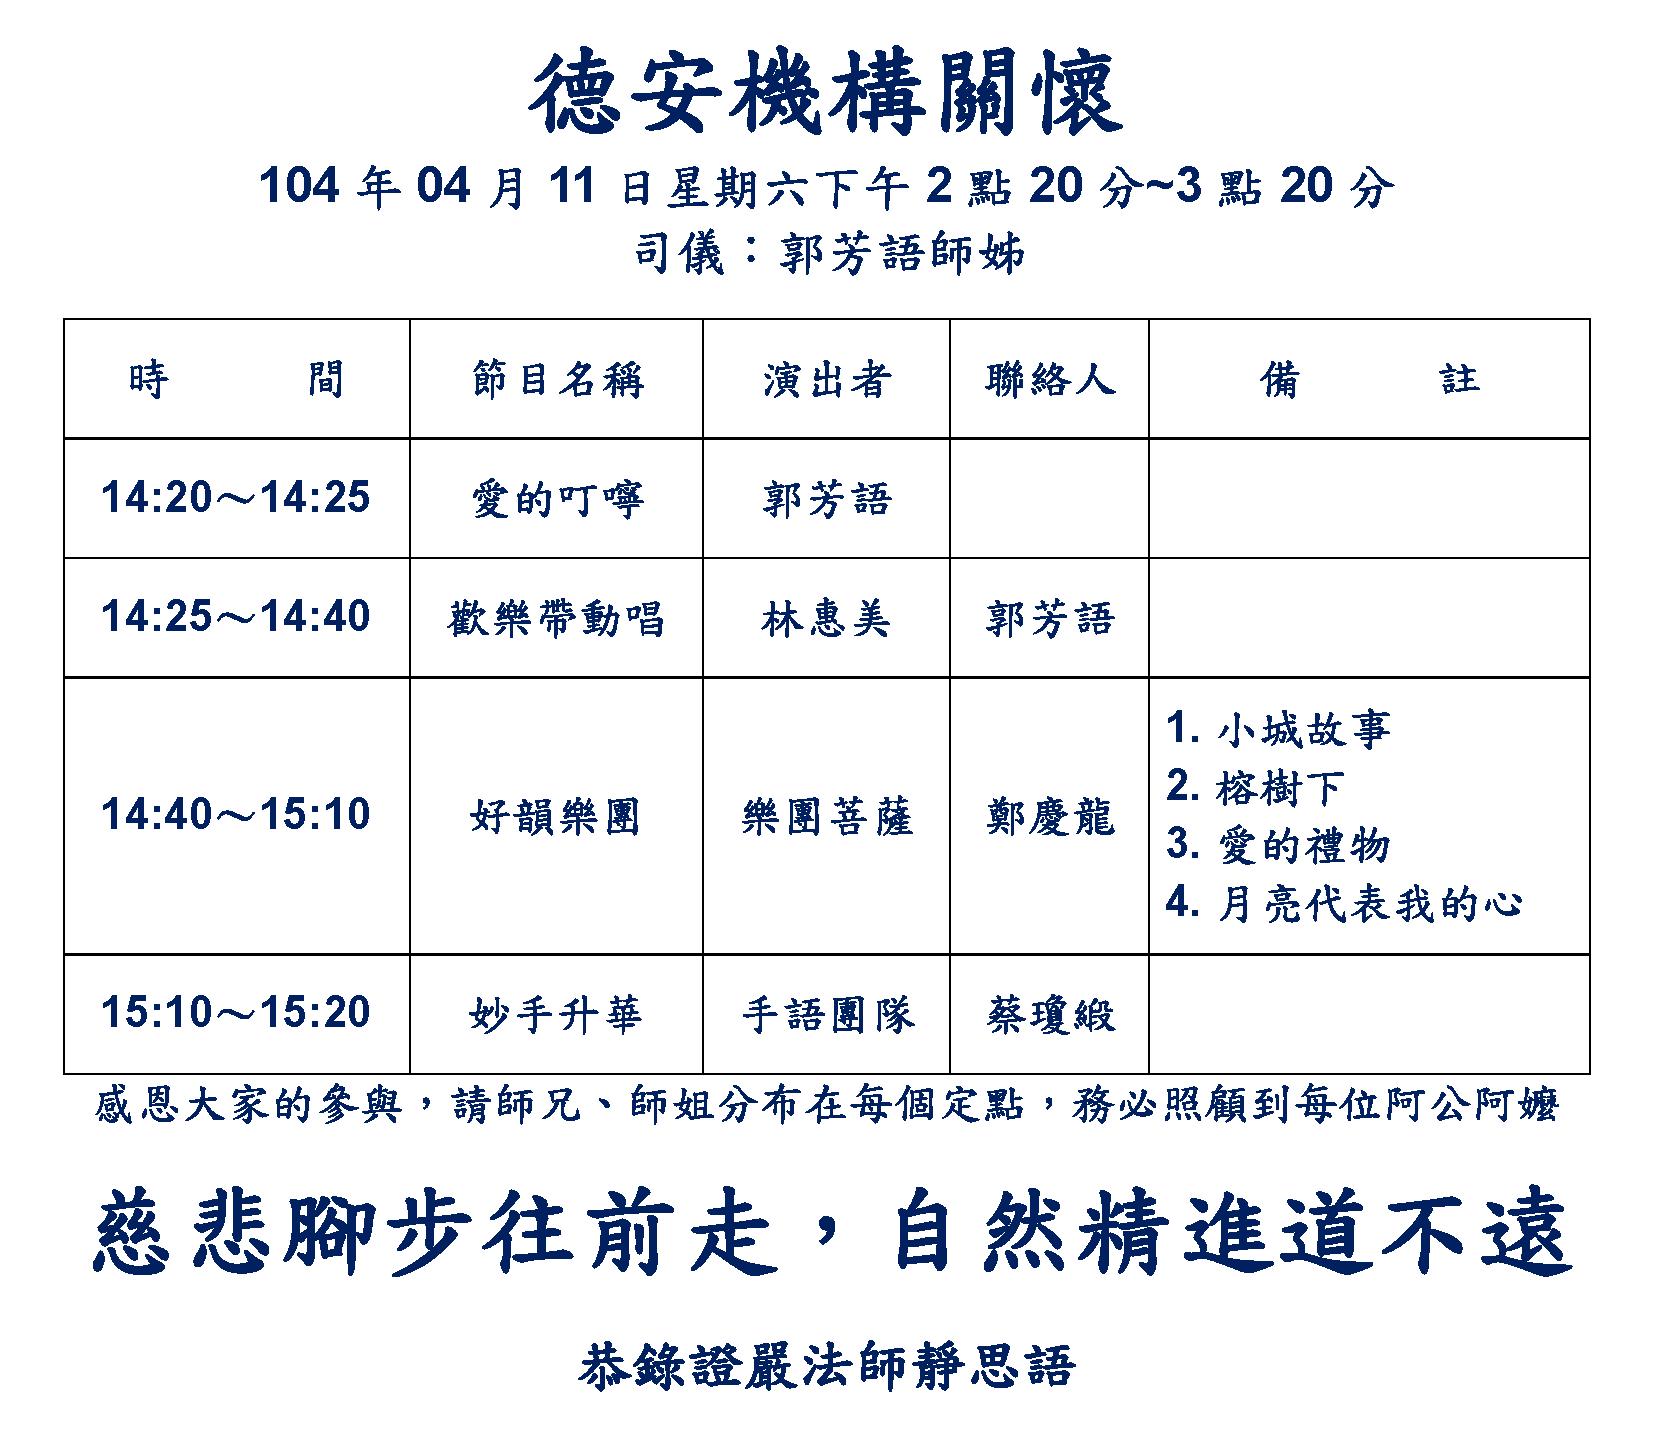 20150411機構關懷_頁面_2.png